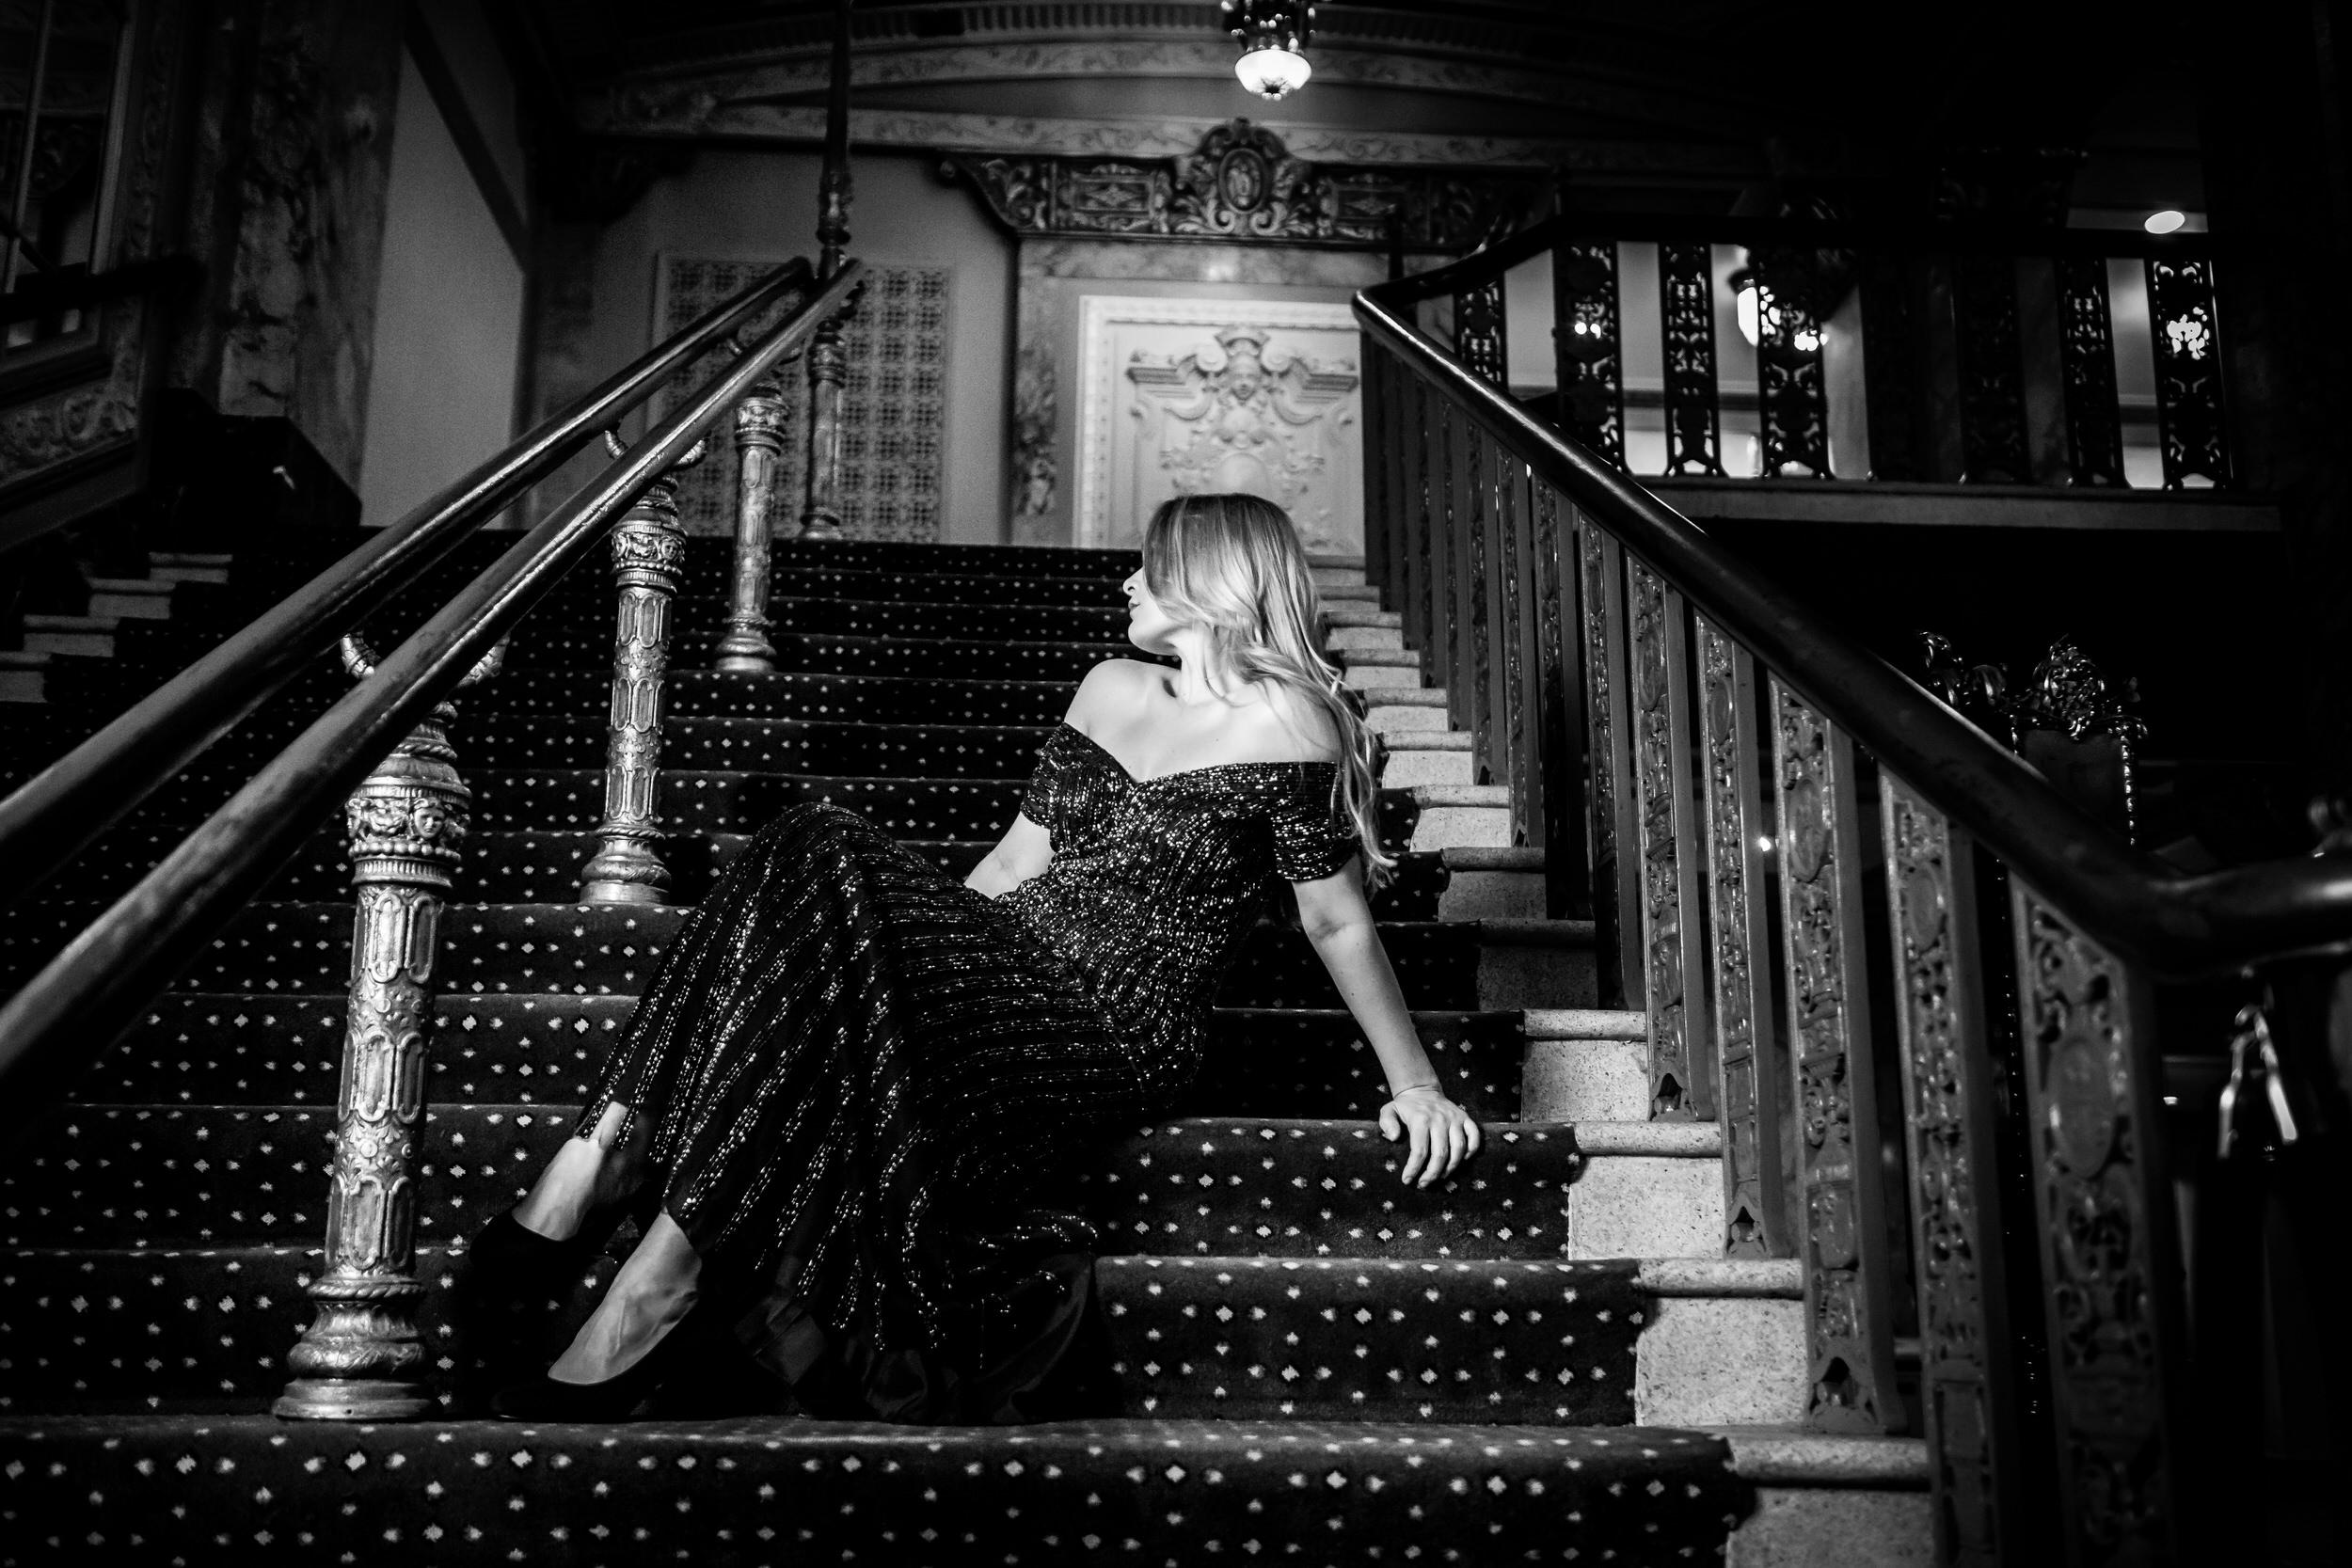 Siena_Licht_Miller_Opera_Singer_arlene_schnitzer_007